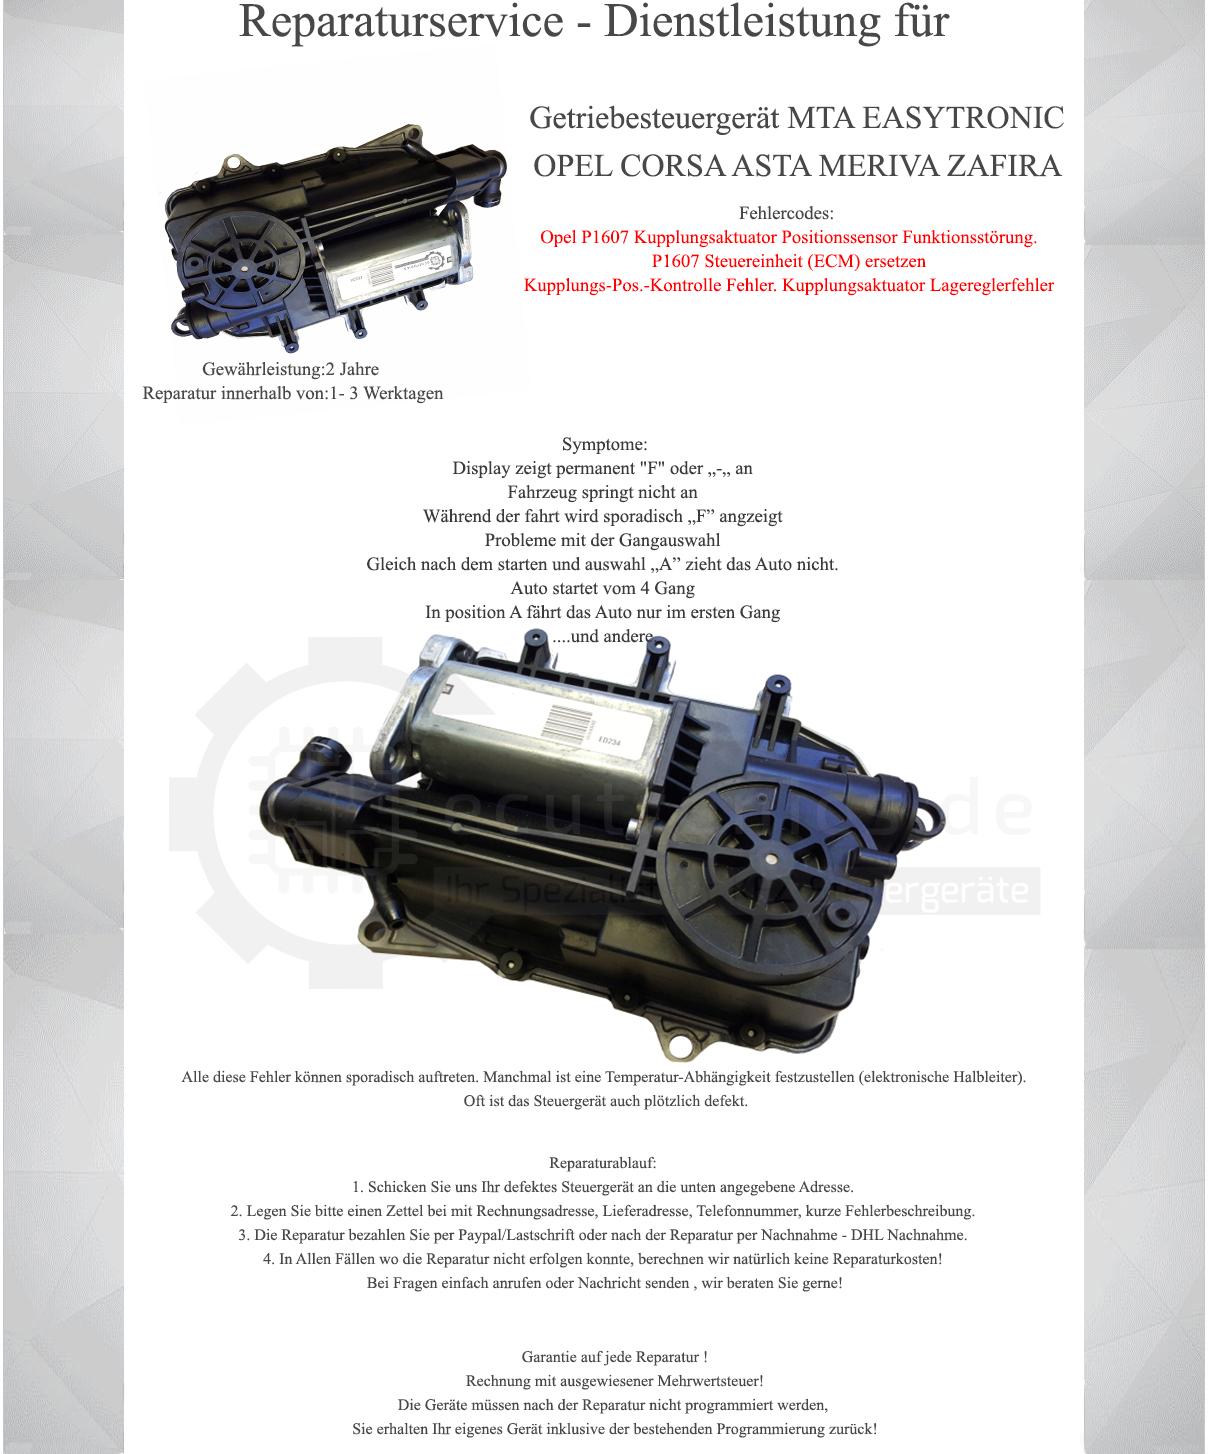 getriebesteuergerät steuergerät opel corsa c 1.0 12v 58 ps